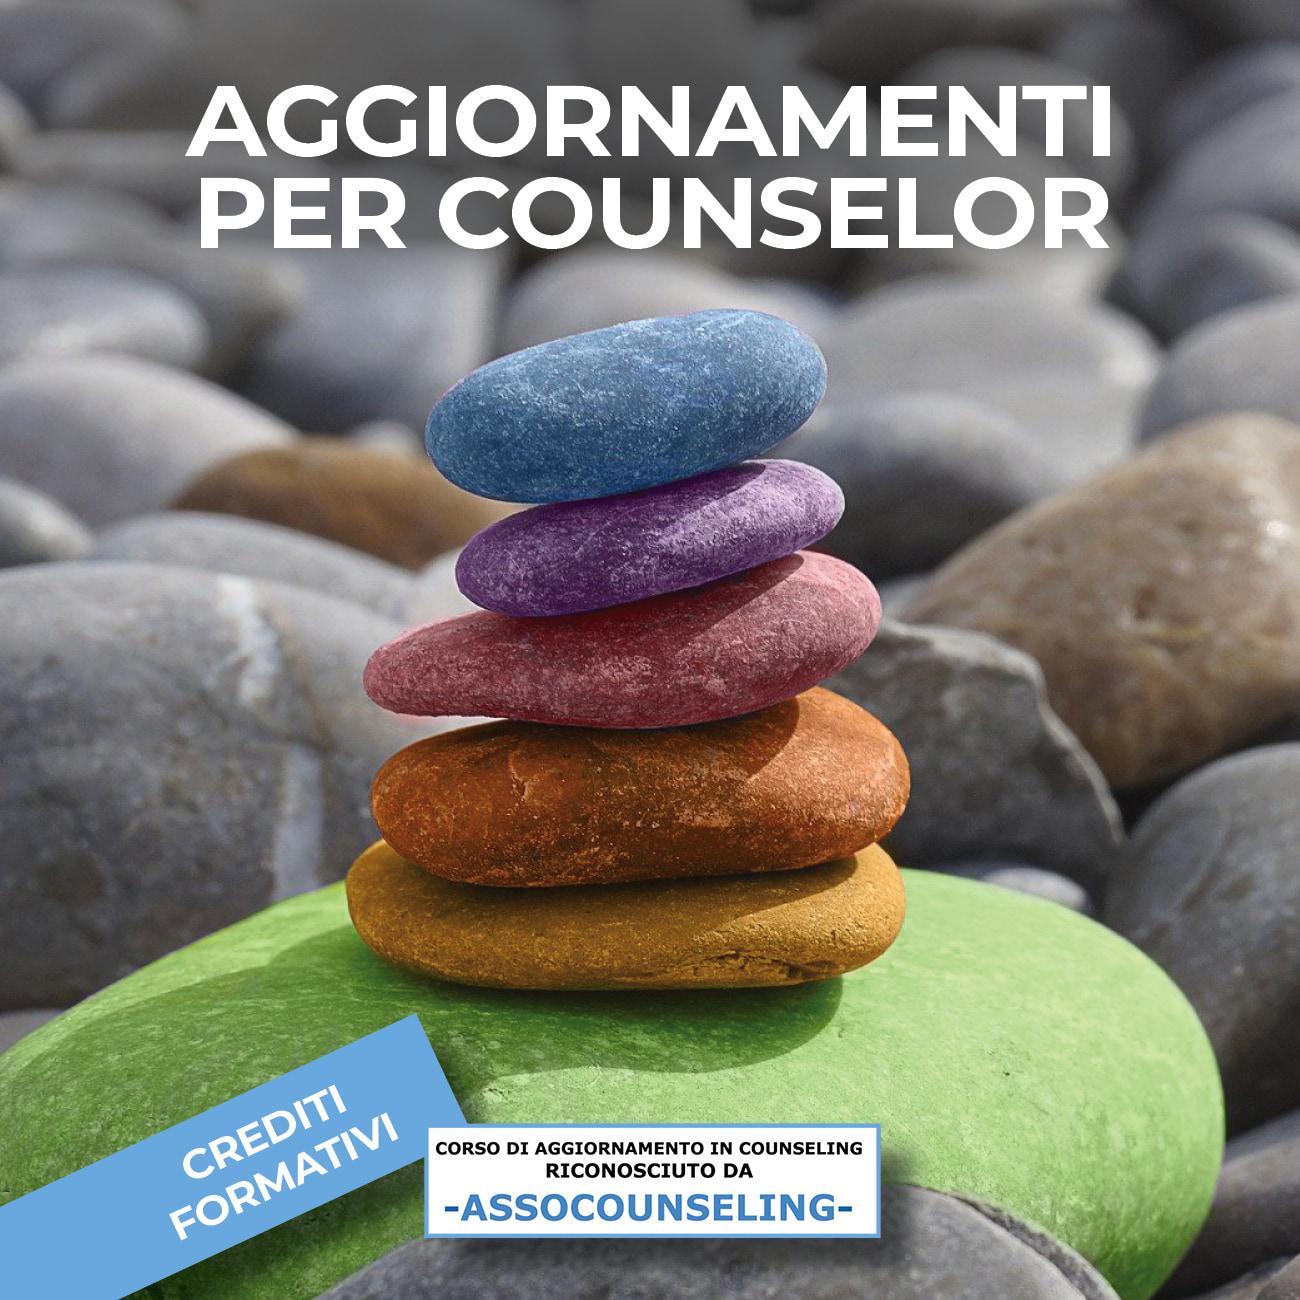 Corsi di aggiornamento per counselor - Centro Psicologia Gorgonzola